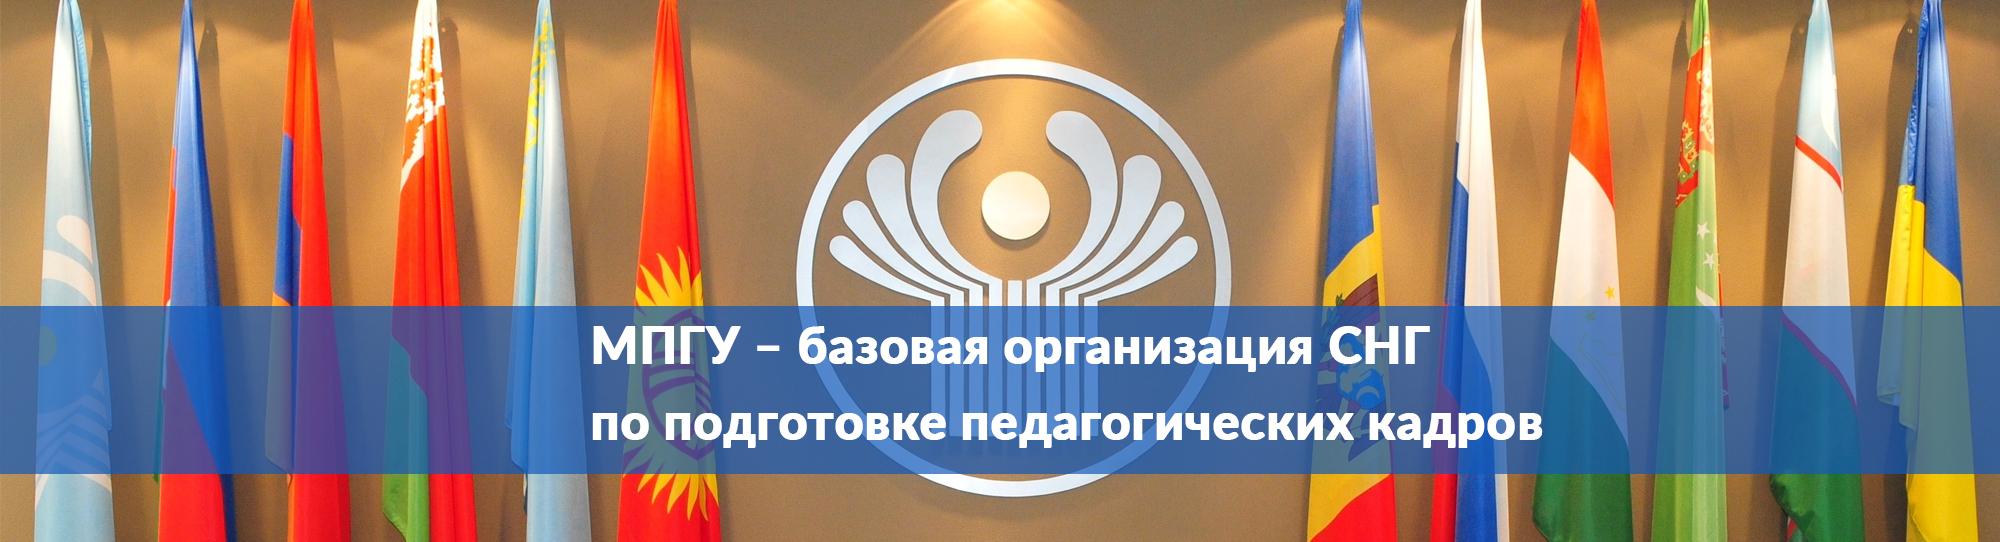 МПГУ — базовая организация СНГ по подготовке педагогических кадров